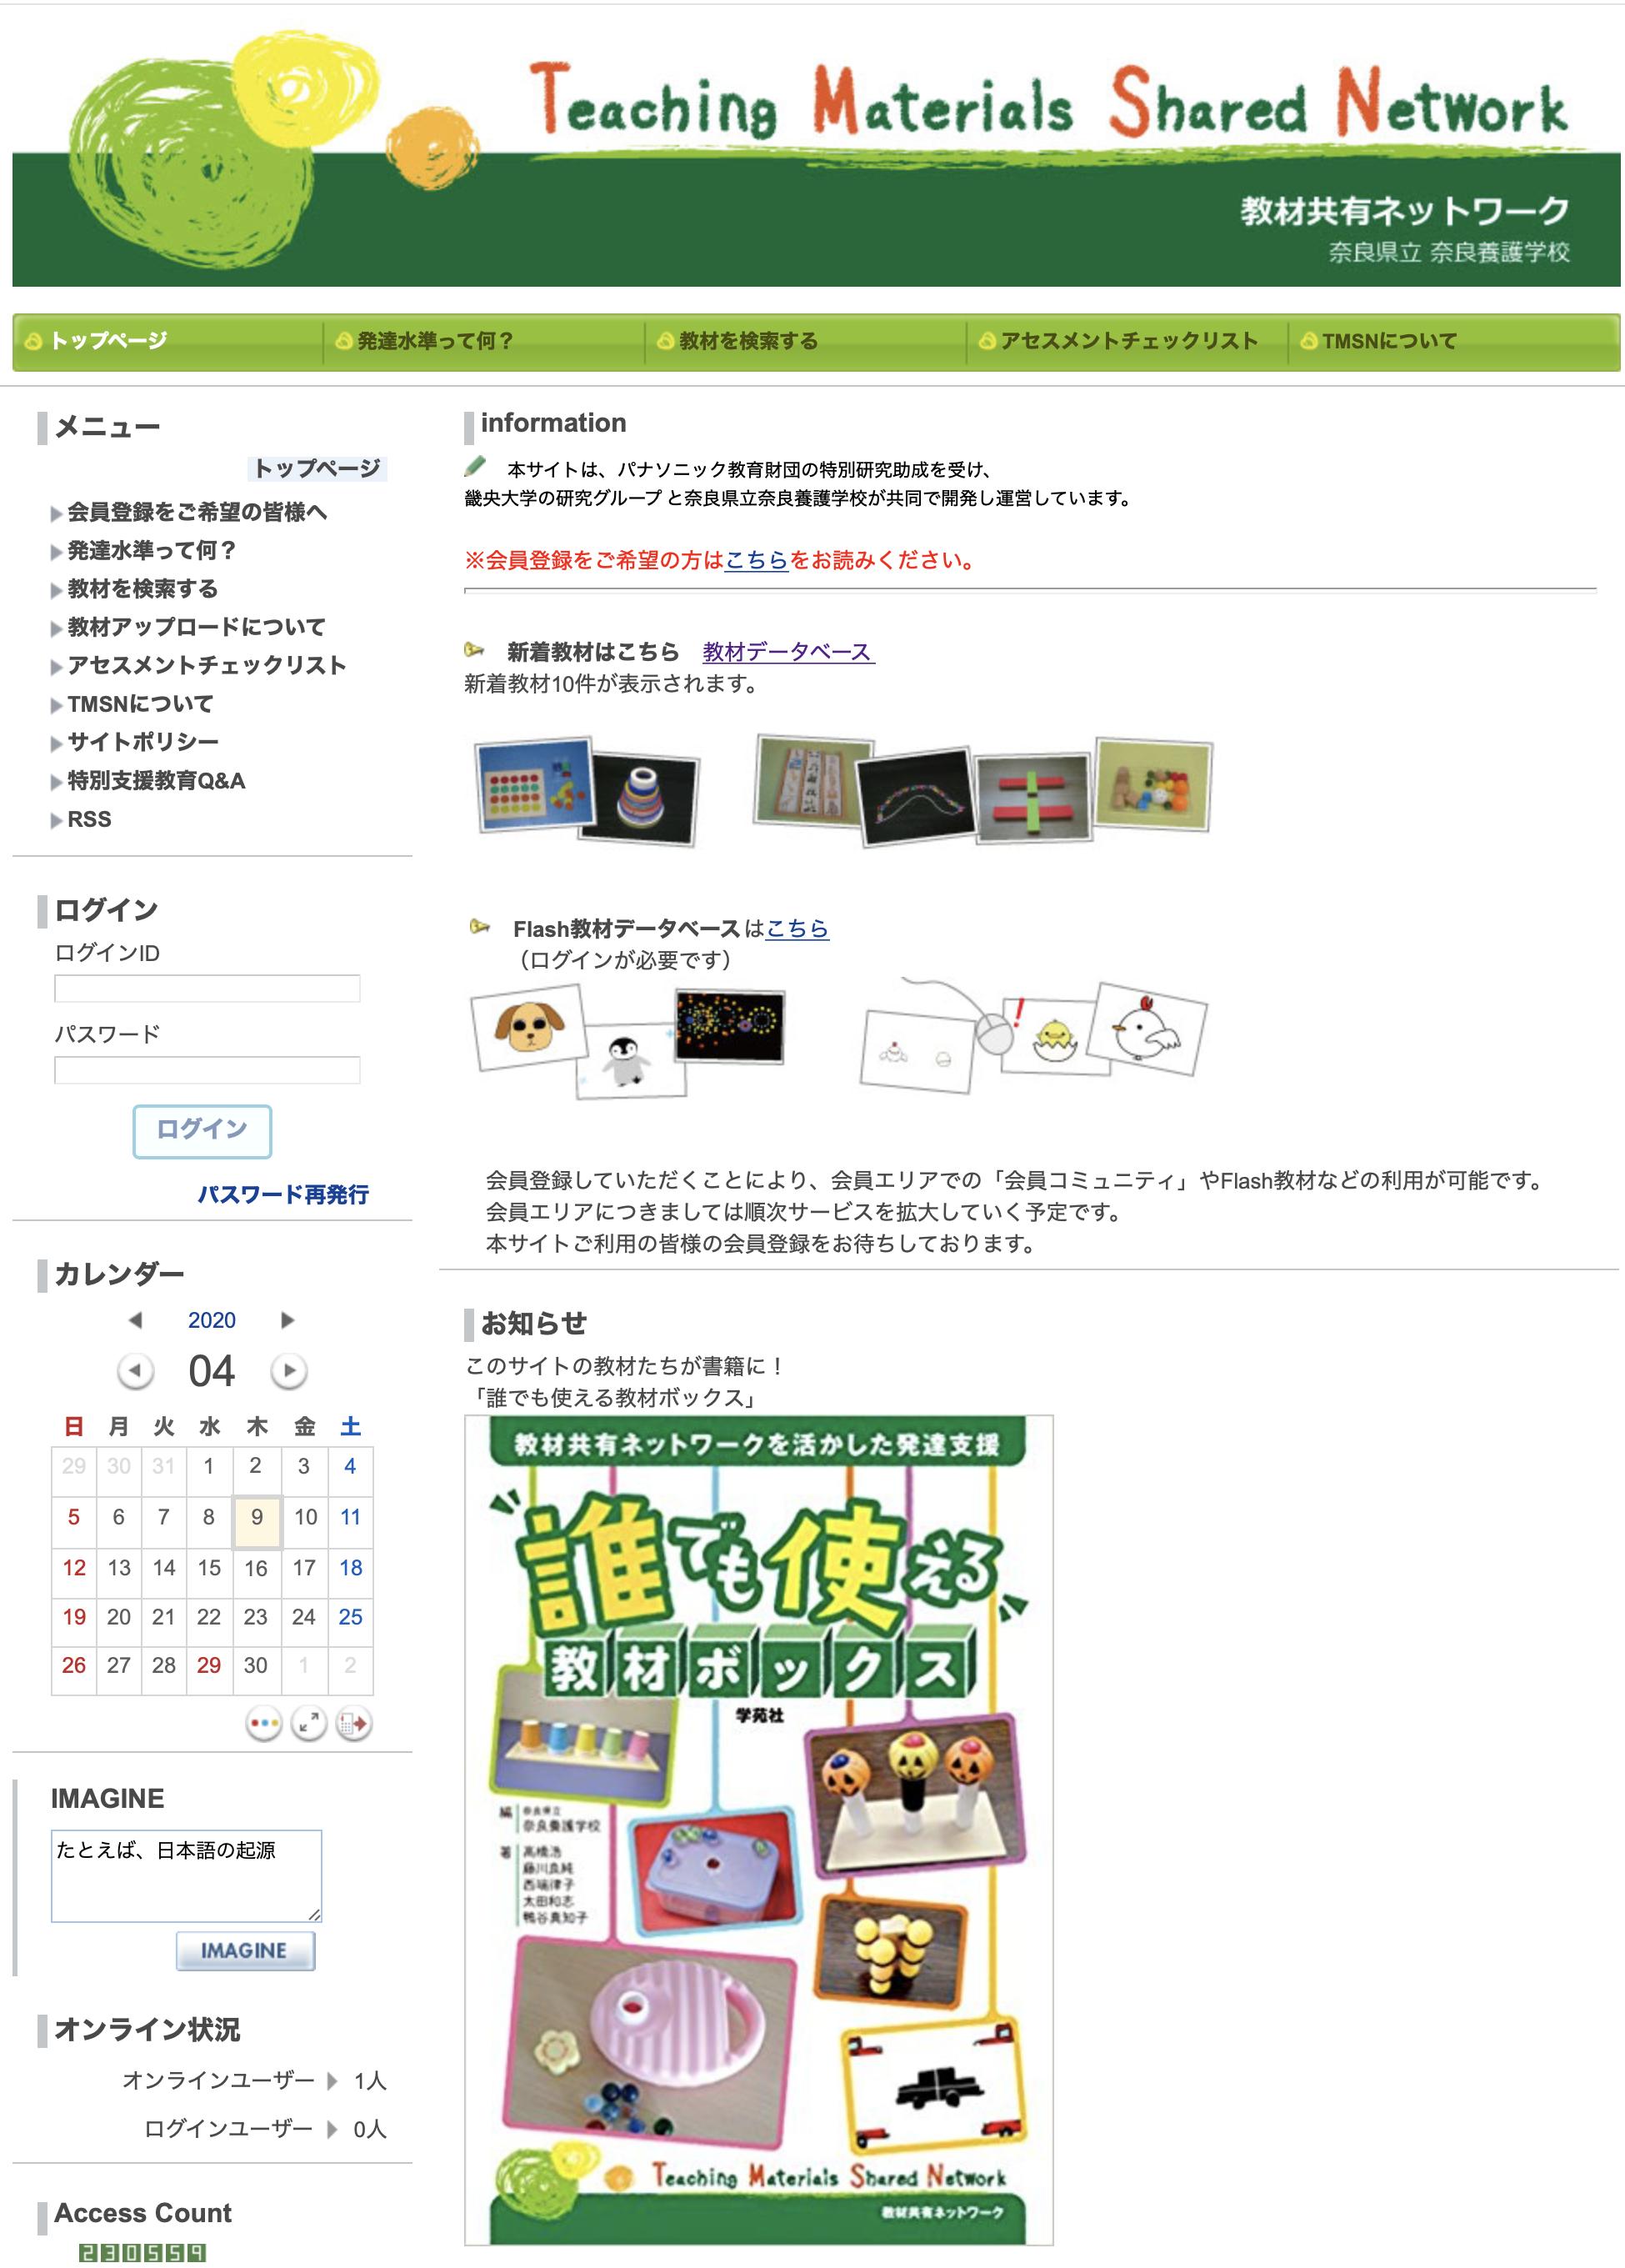 【おすすめサイト】TMSN(奈良県立養護学校 教材共有ネットワーク)